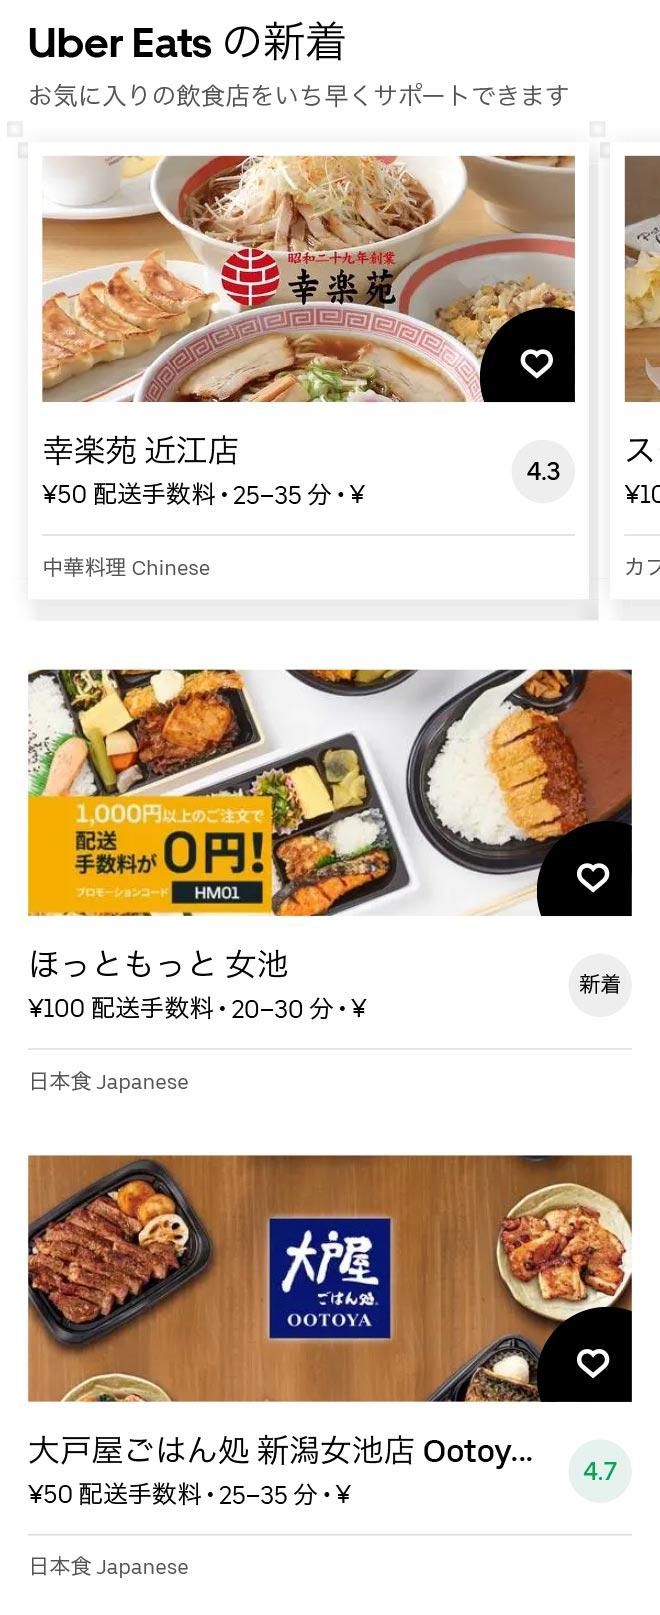 Kamiyama menu 2011 02